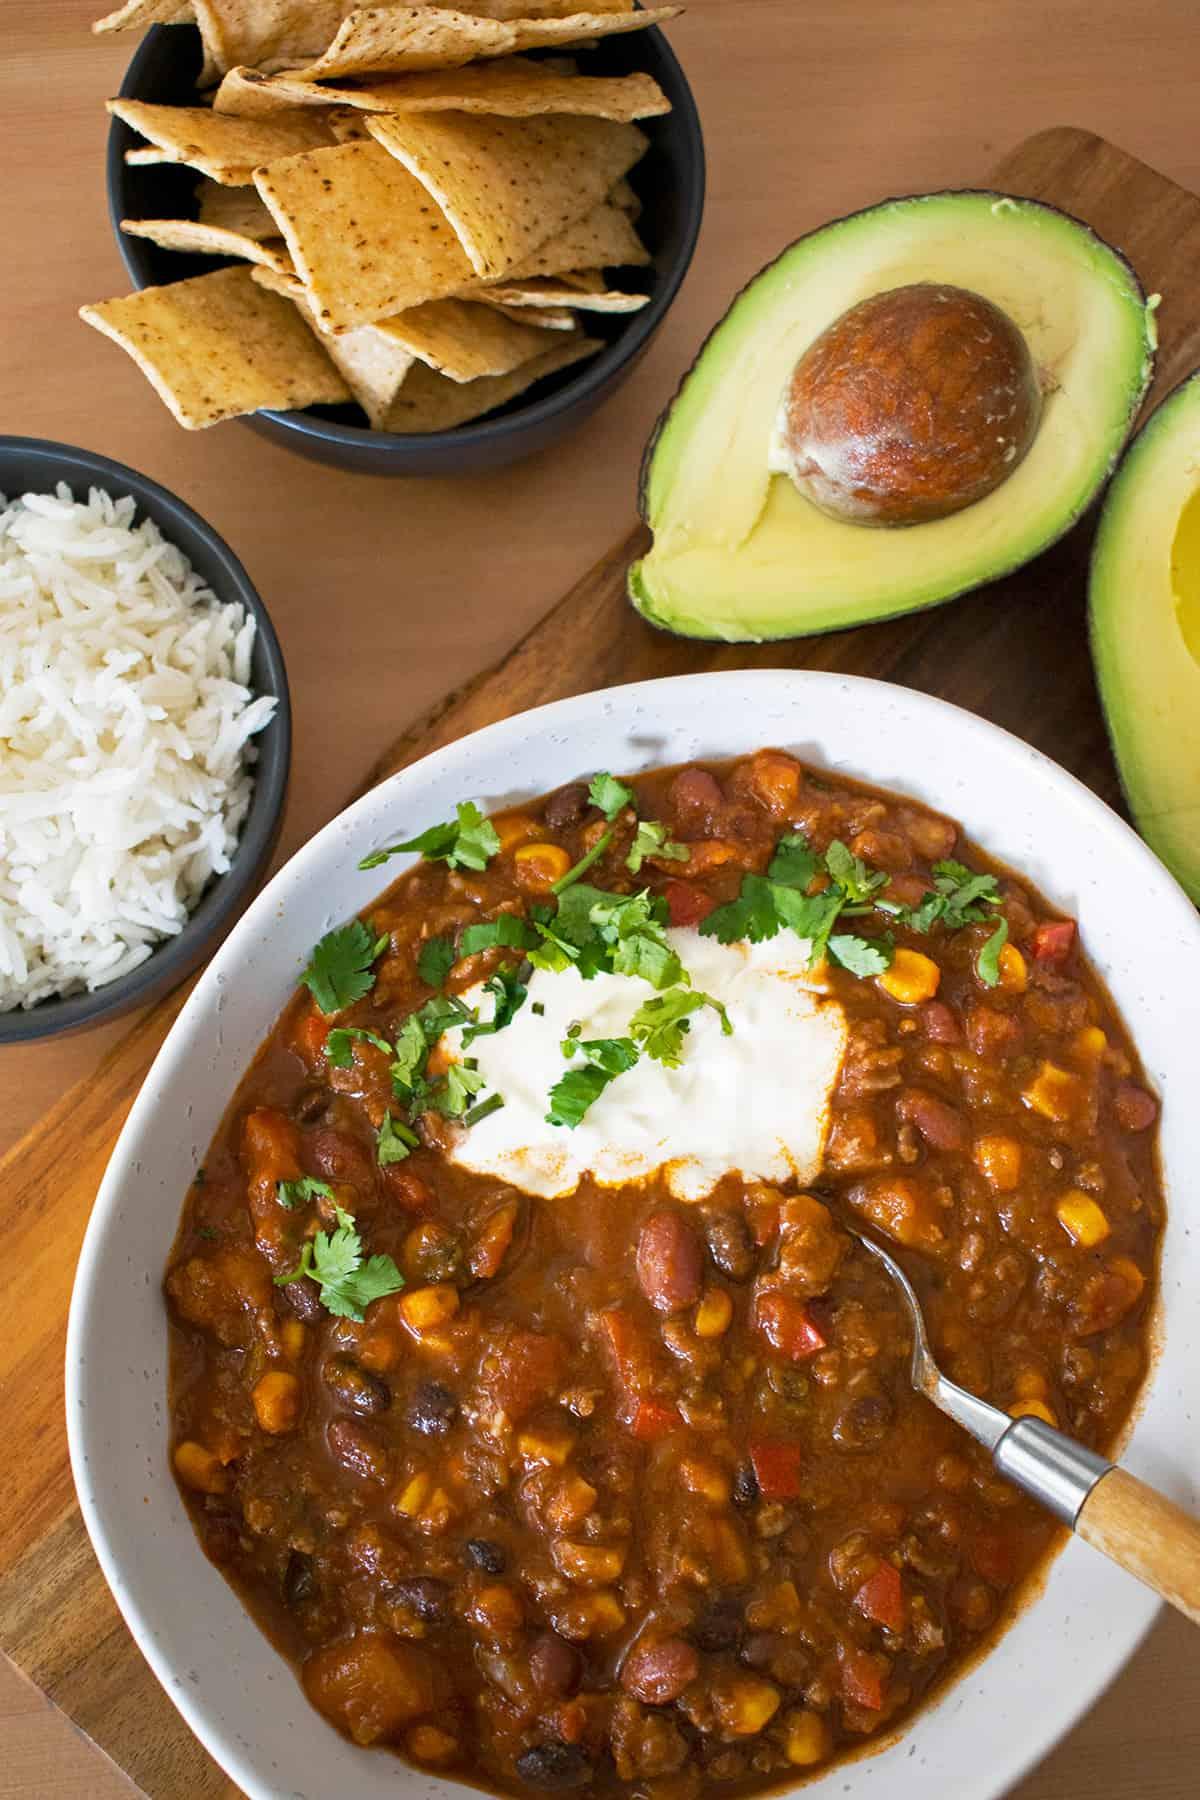 chili con carne acompañado de arroz, chips de maíz y aguacate.